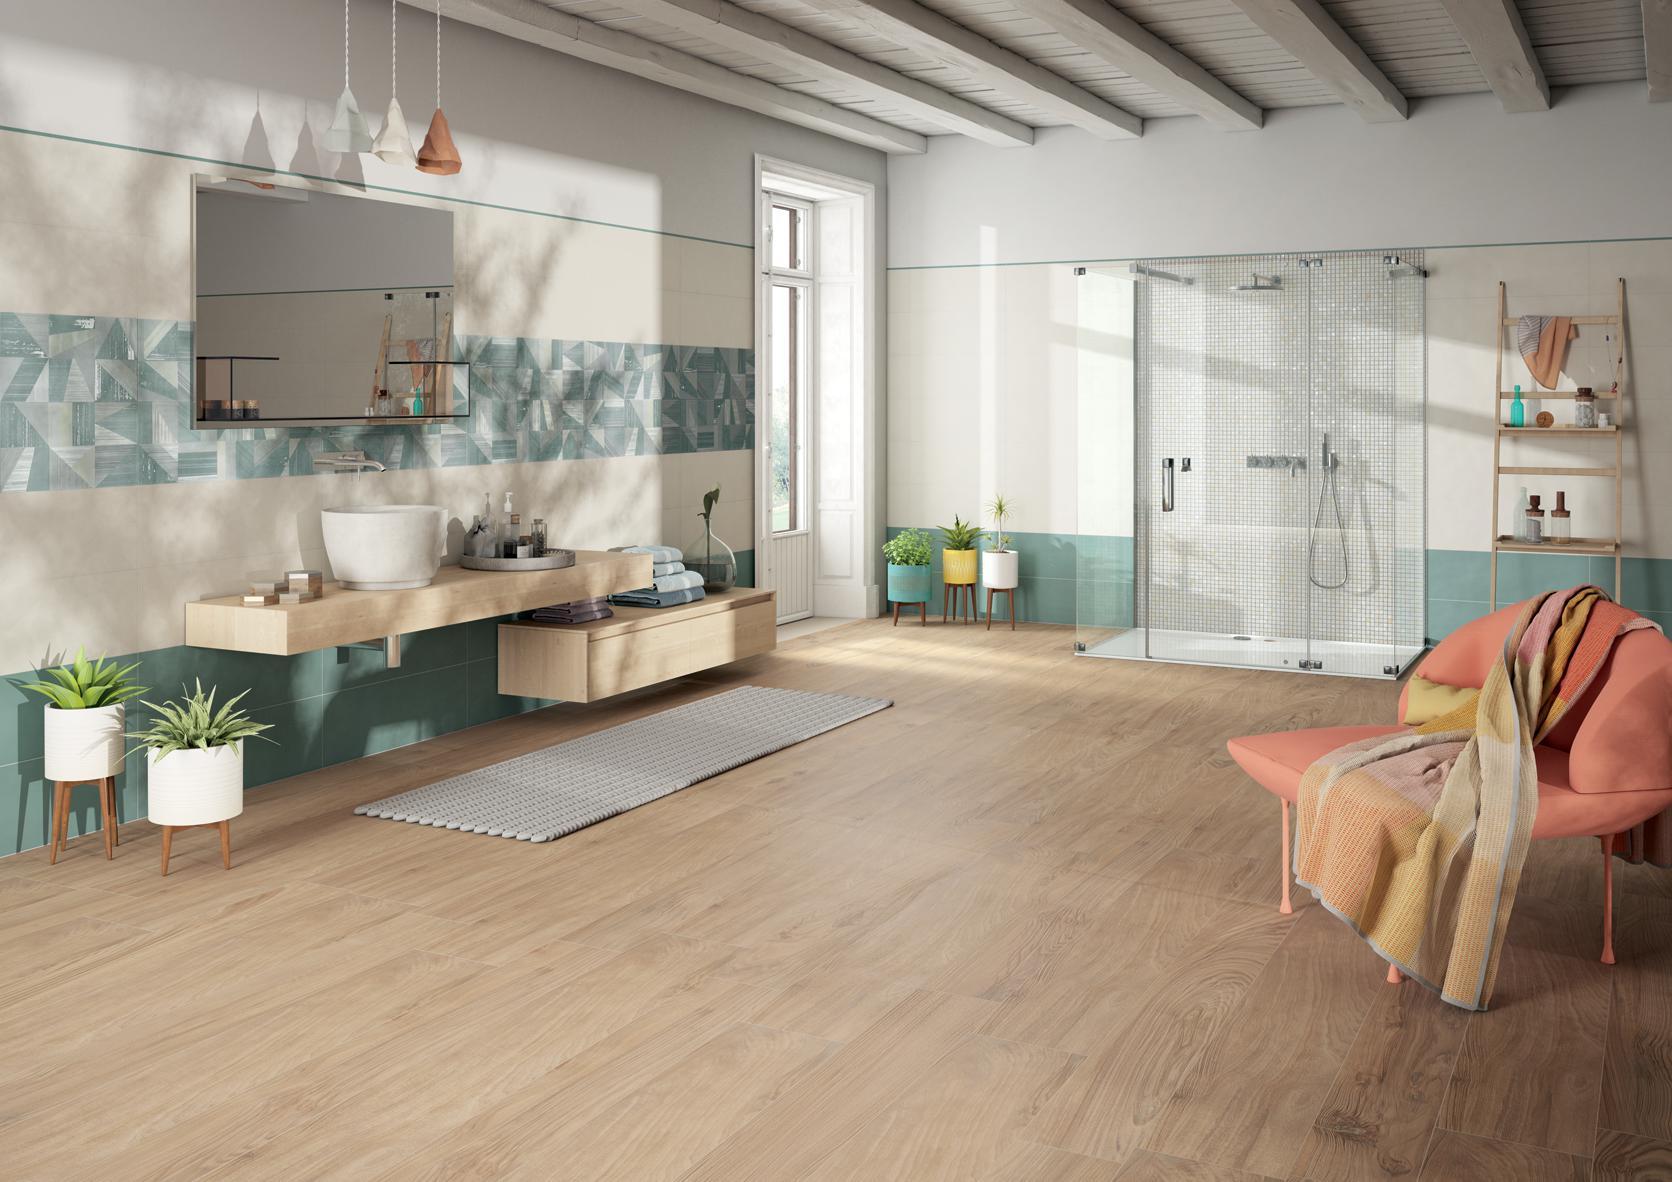 Pavimenti e rivestimenti per il tuo bagno armonie ceramiche - Ceramiche bagno prezzi ...